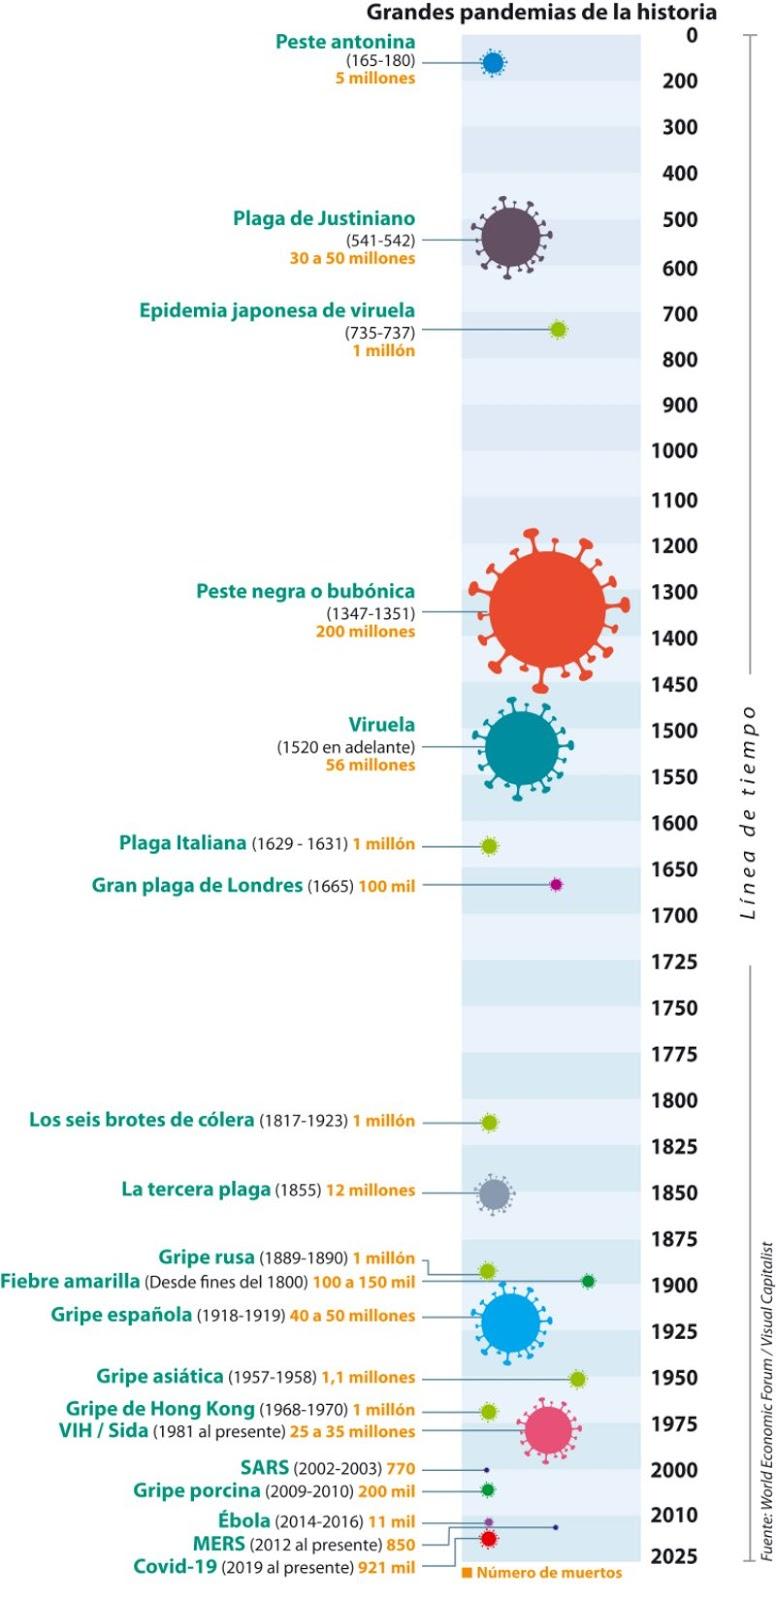 Las 20 pandemias más devastadoras de la historia